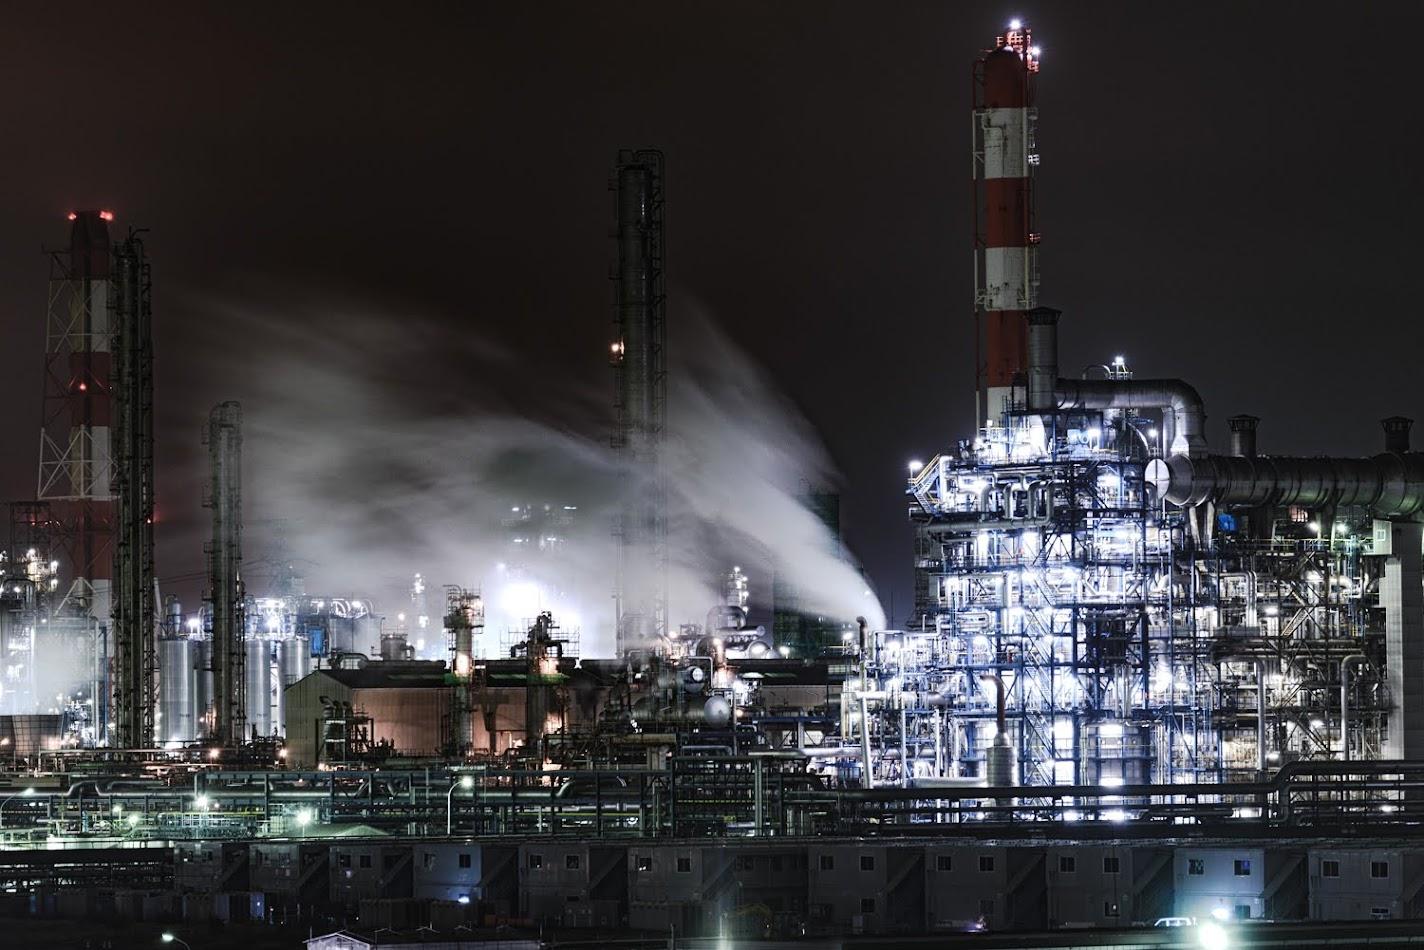 【旅6日目】真っ暗の「鹿島臨海工業地帯」でビビりながらも工場夜景の撮影に挑戦